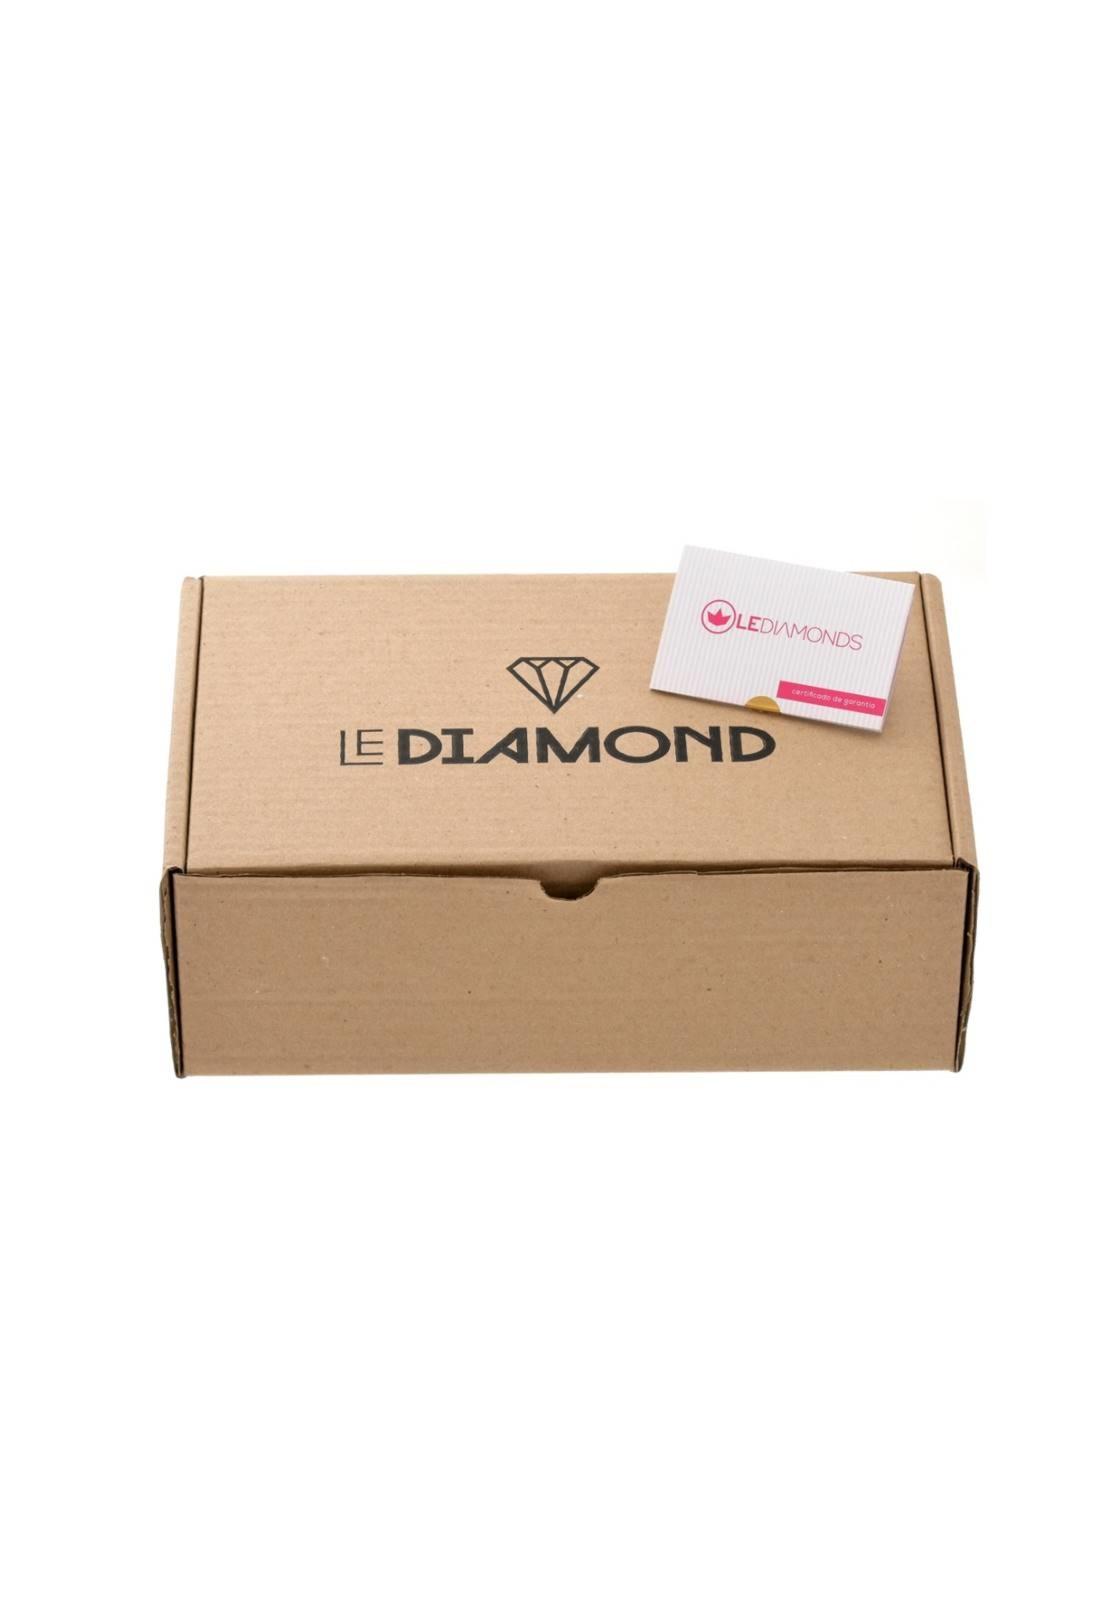 Brinco Le Diamond de Pressão com Acrílico Vermelho